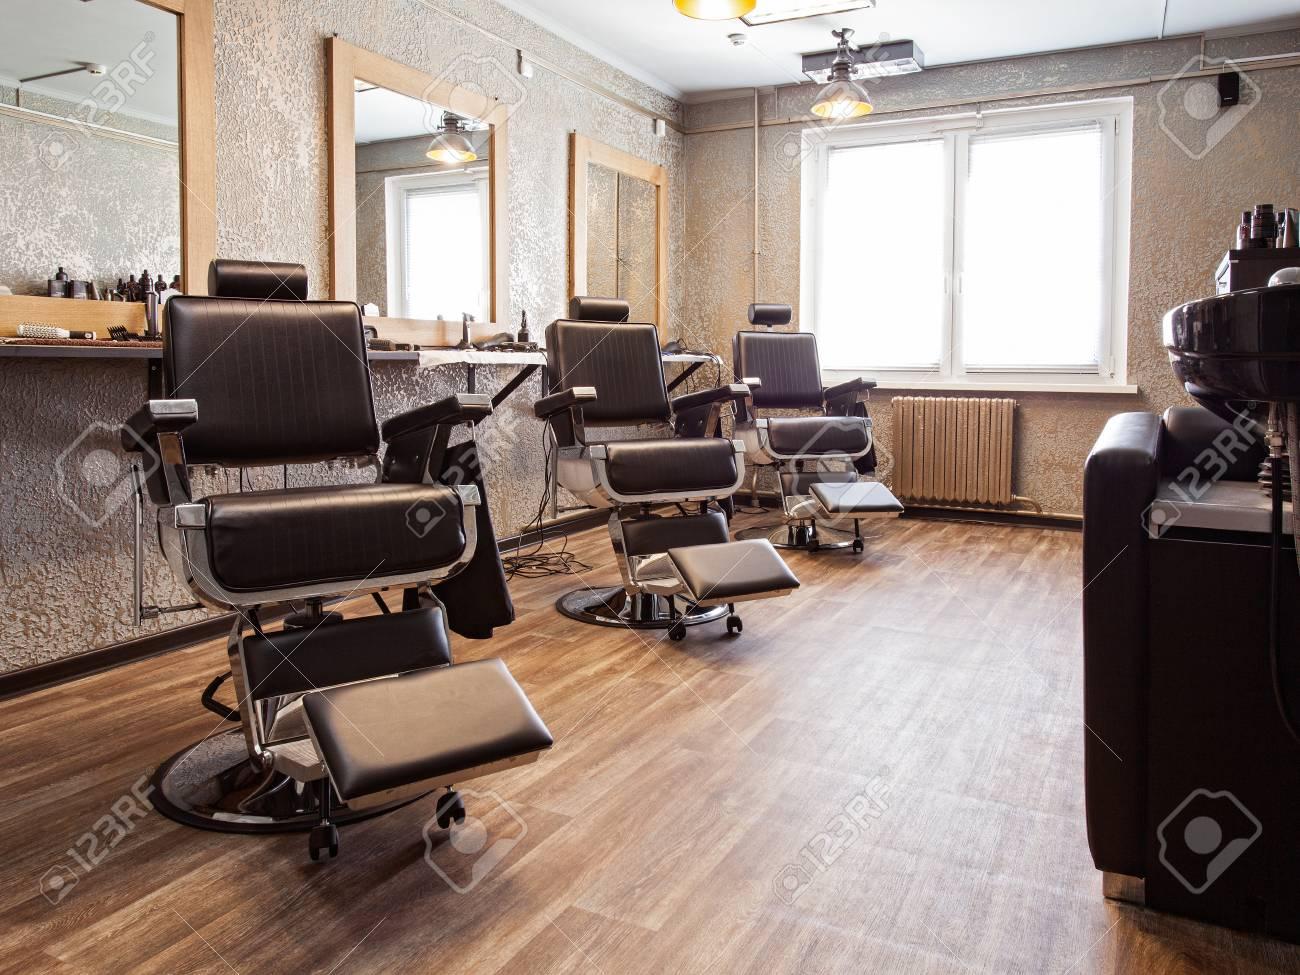 Salon de coiffure. Intérieur d\'un salon de coiffure, fauteuils et miroirs